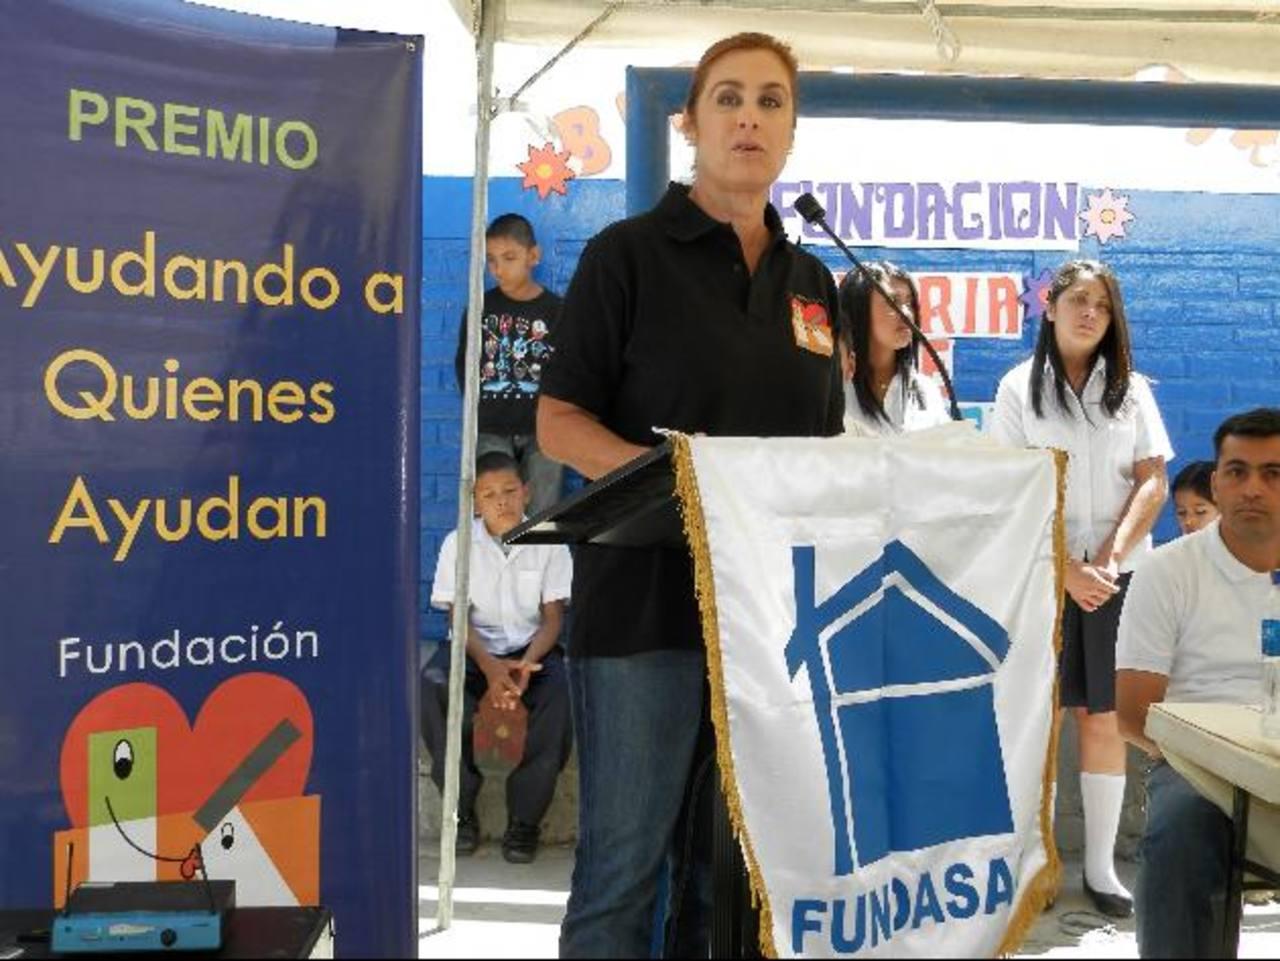 La directora ejecutiva, Celina de Kriete, se dirige a los jóvenes. Foto EDH / Milton Jaco